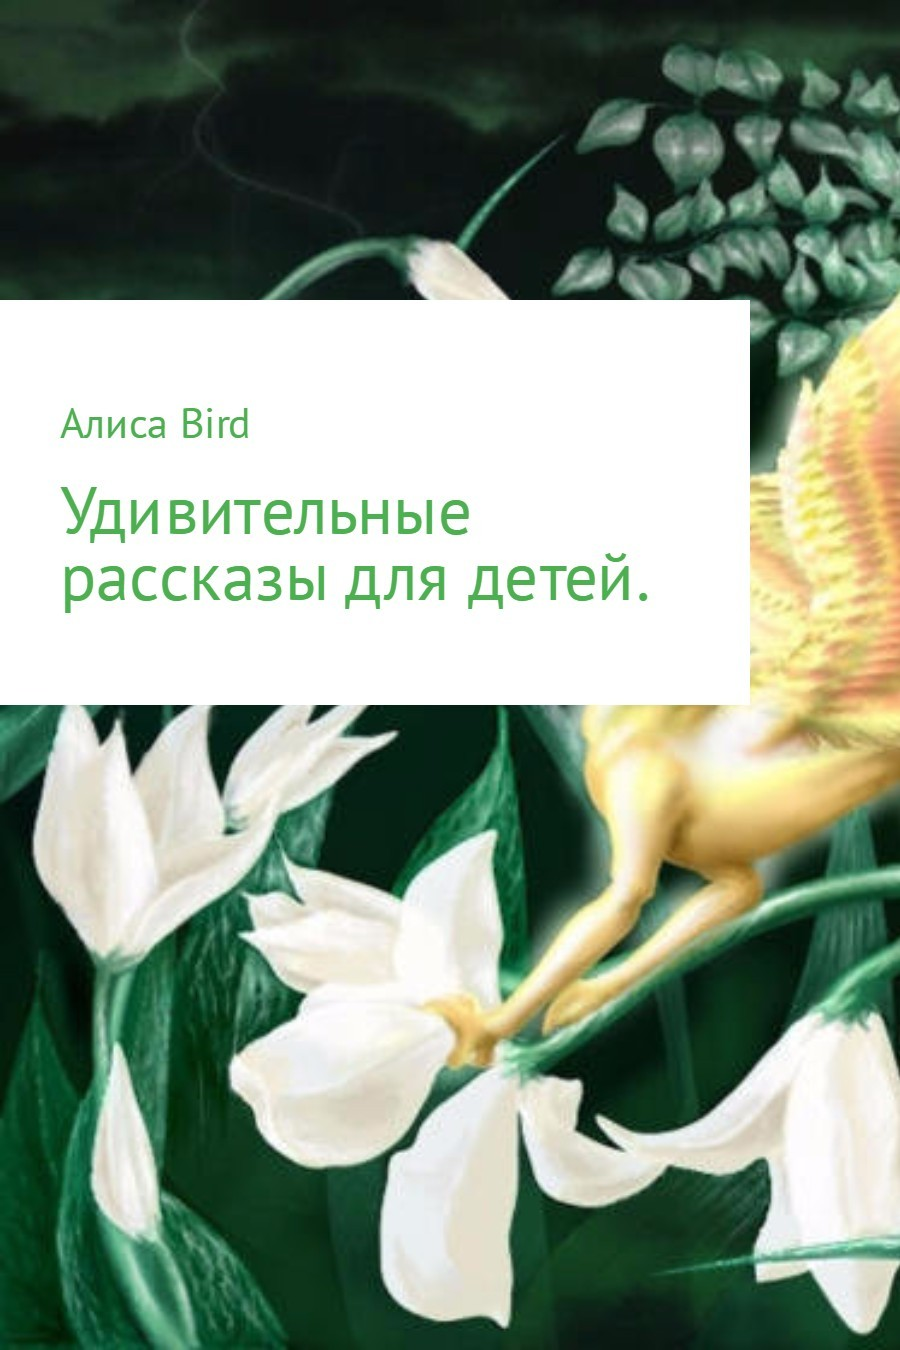 Алиса Bird - Удивительные рассказы для детей